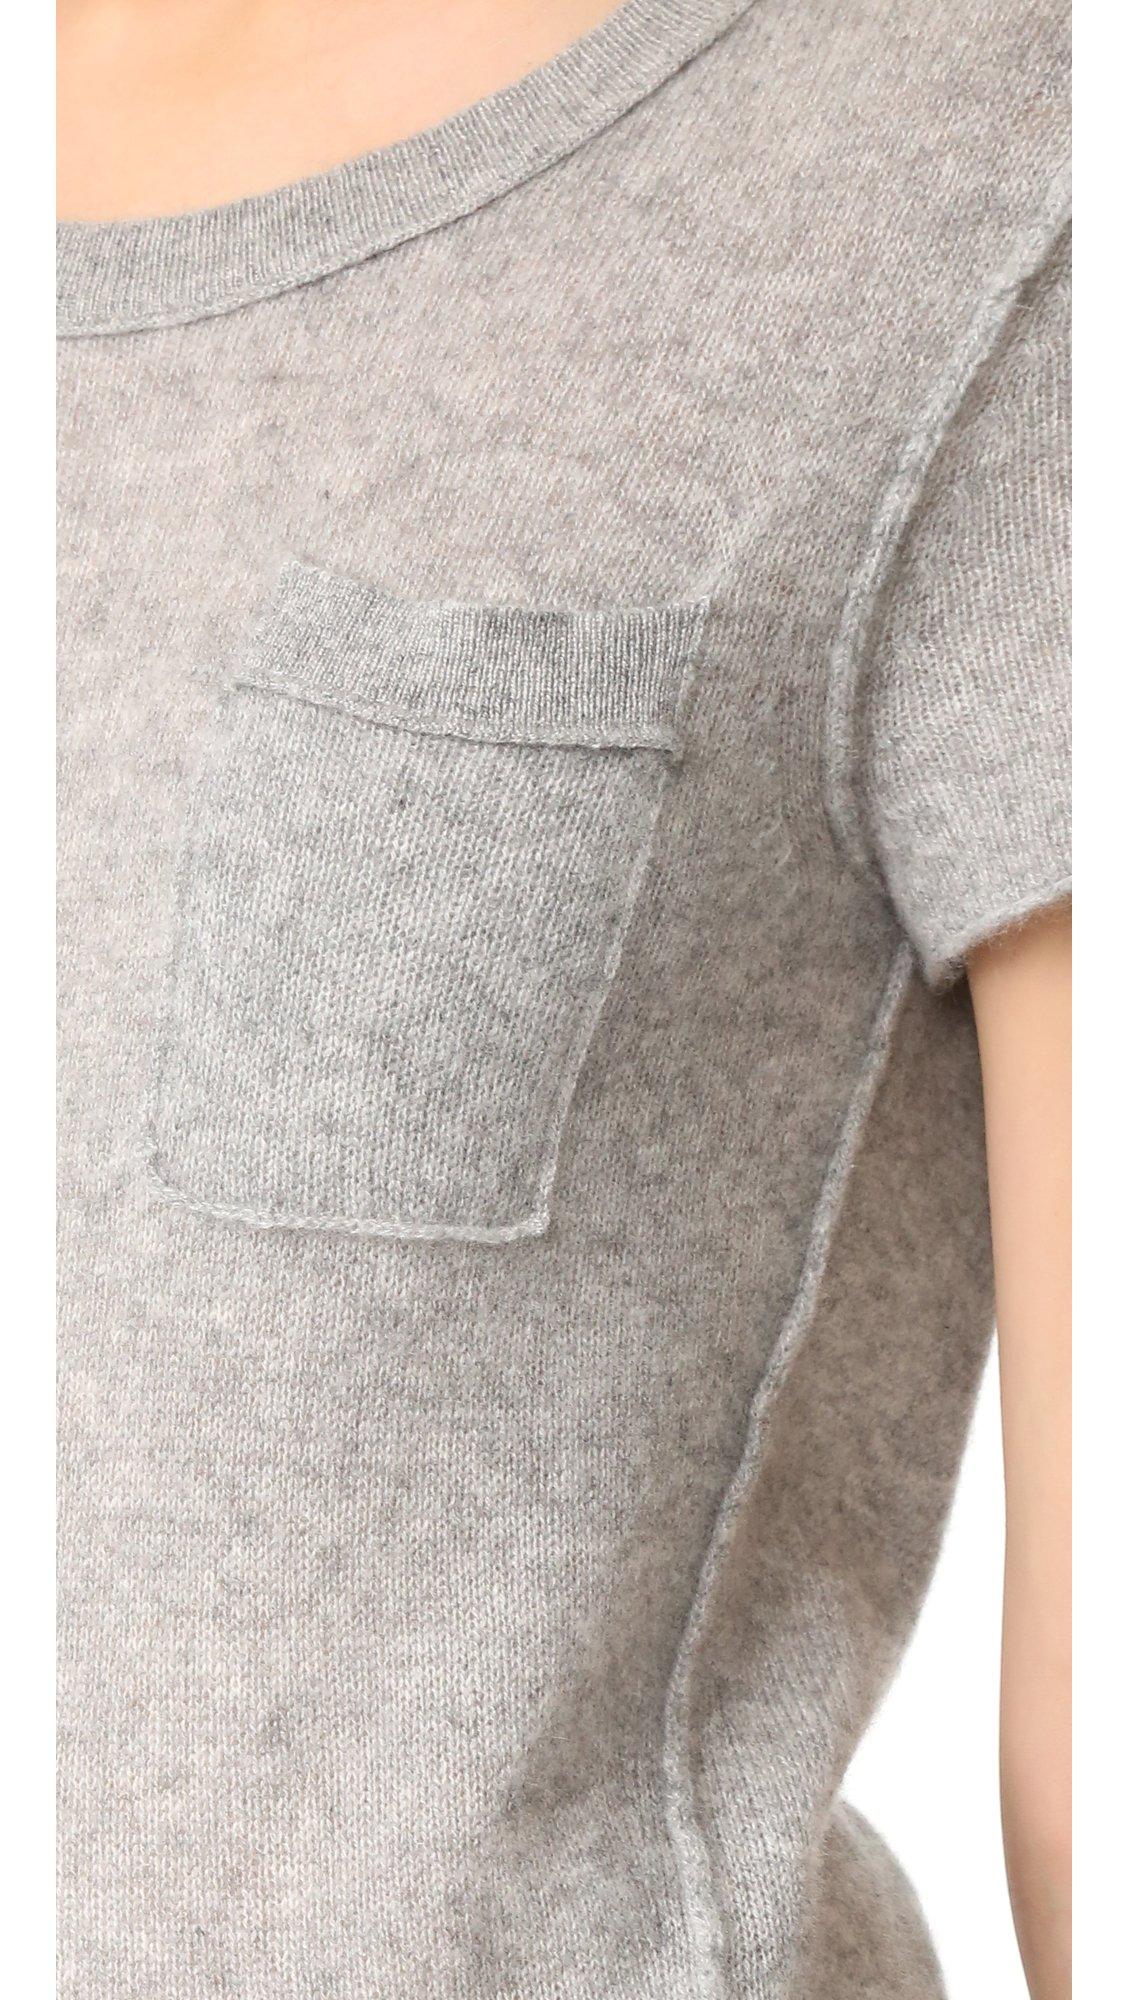 White + Warren Women's Cashmere Essential Pocket Tee, Grey Heather, Medium by White + Warren (Image #5)